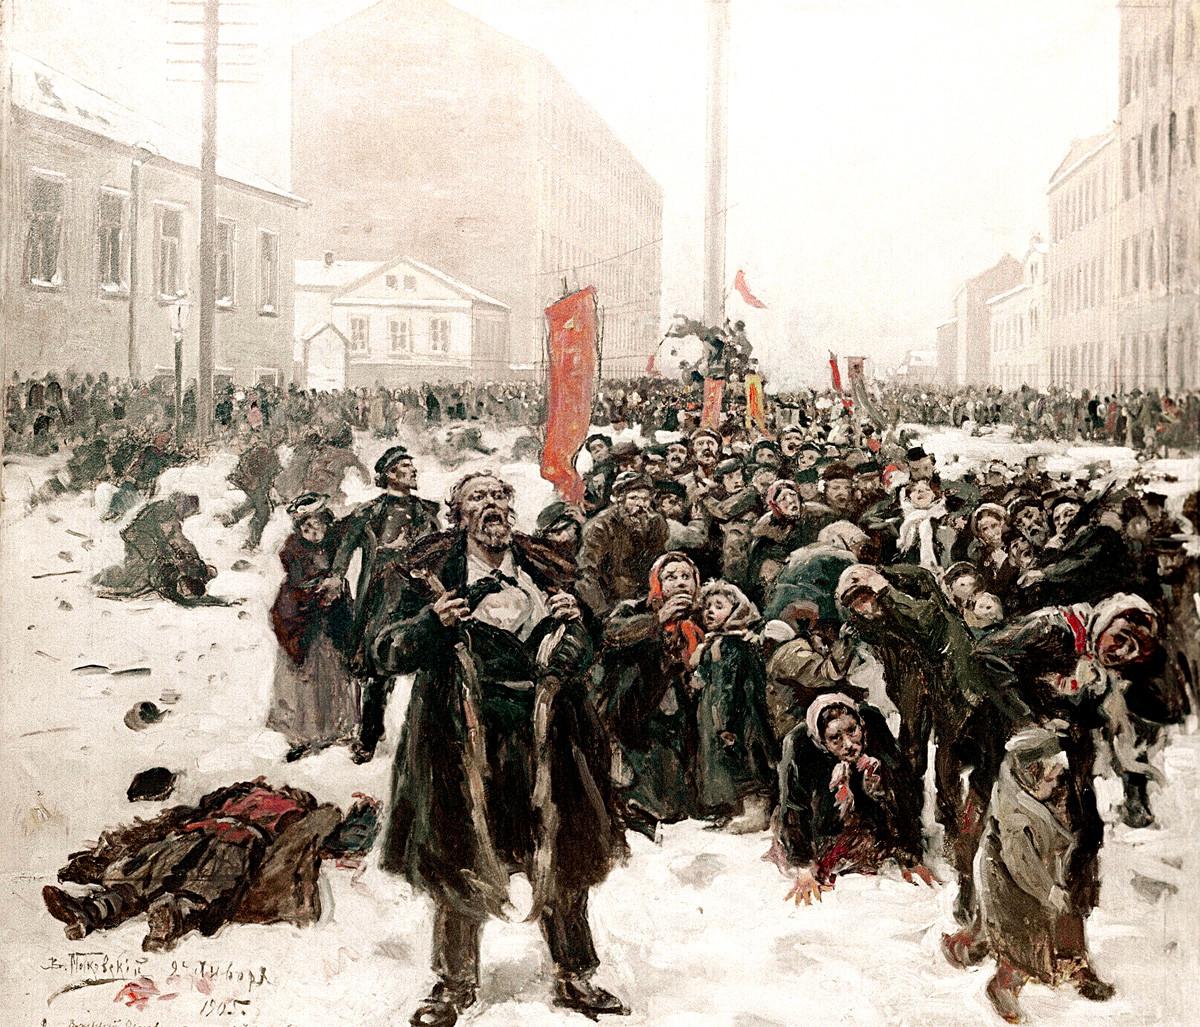 9. Dezember 1905 auf der Wassiljewski-Insel von Wladimir Makowski